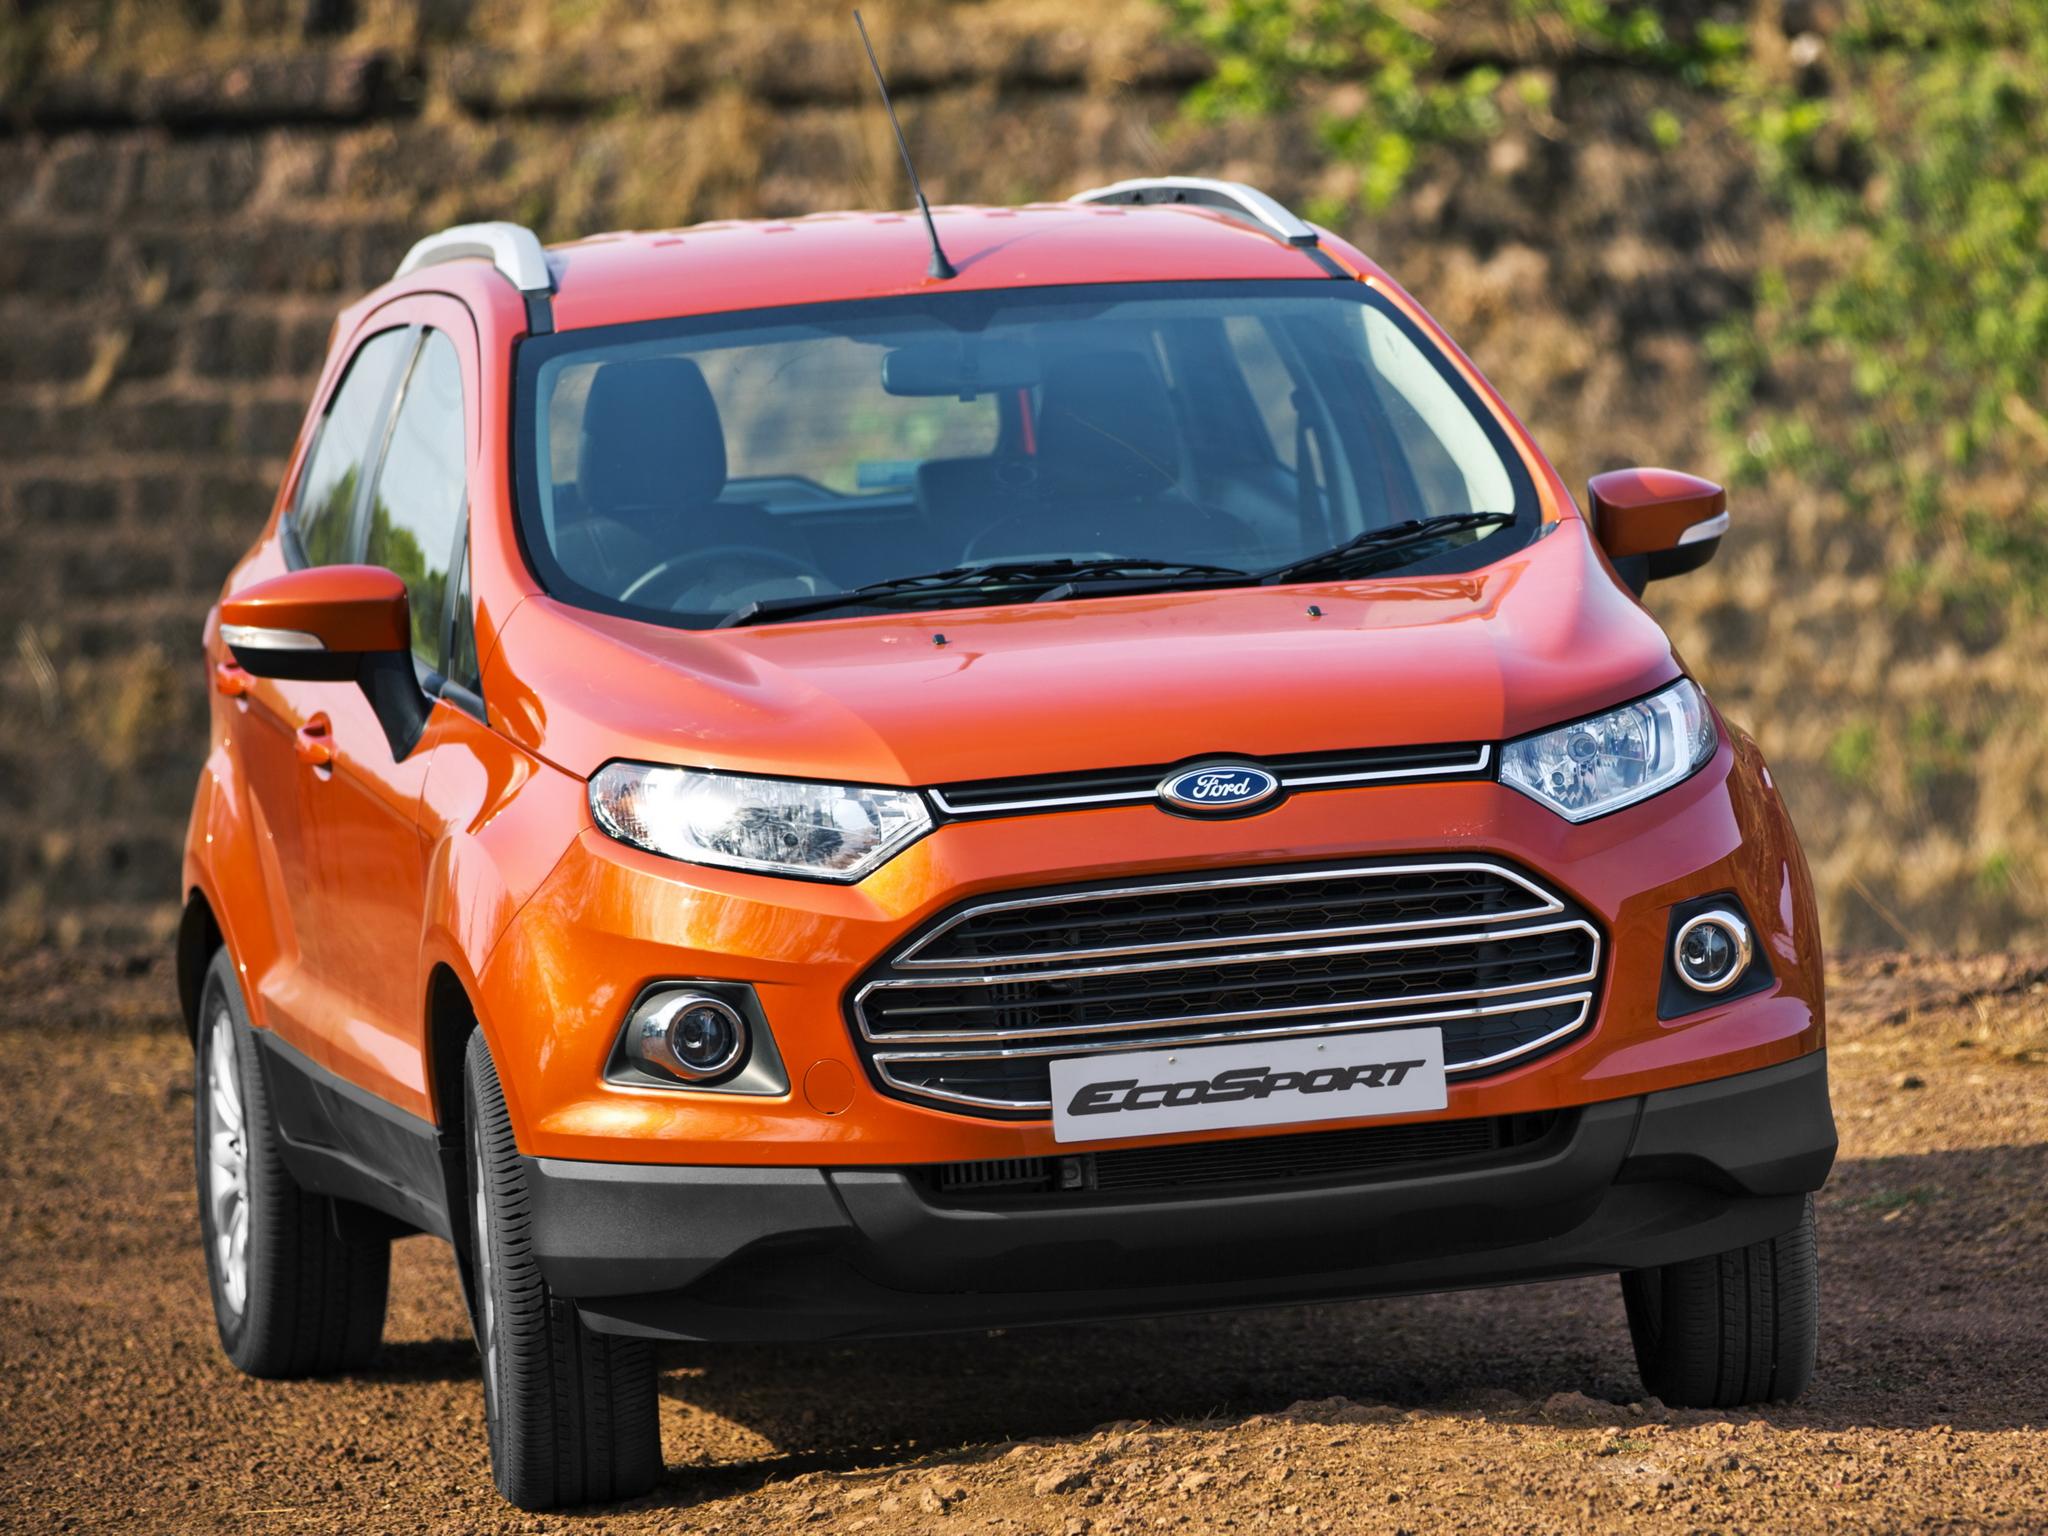 Особенности и преимущества автомобиля Форд Экоспорт с МКПП